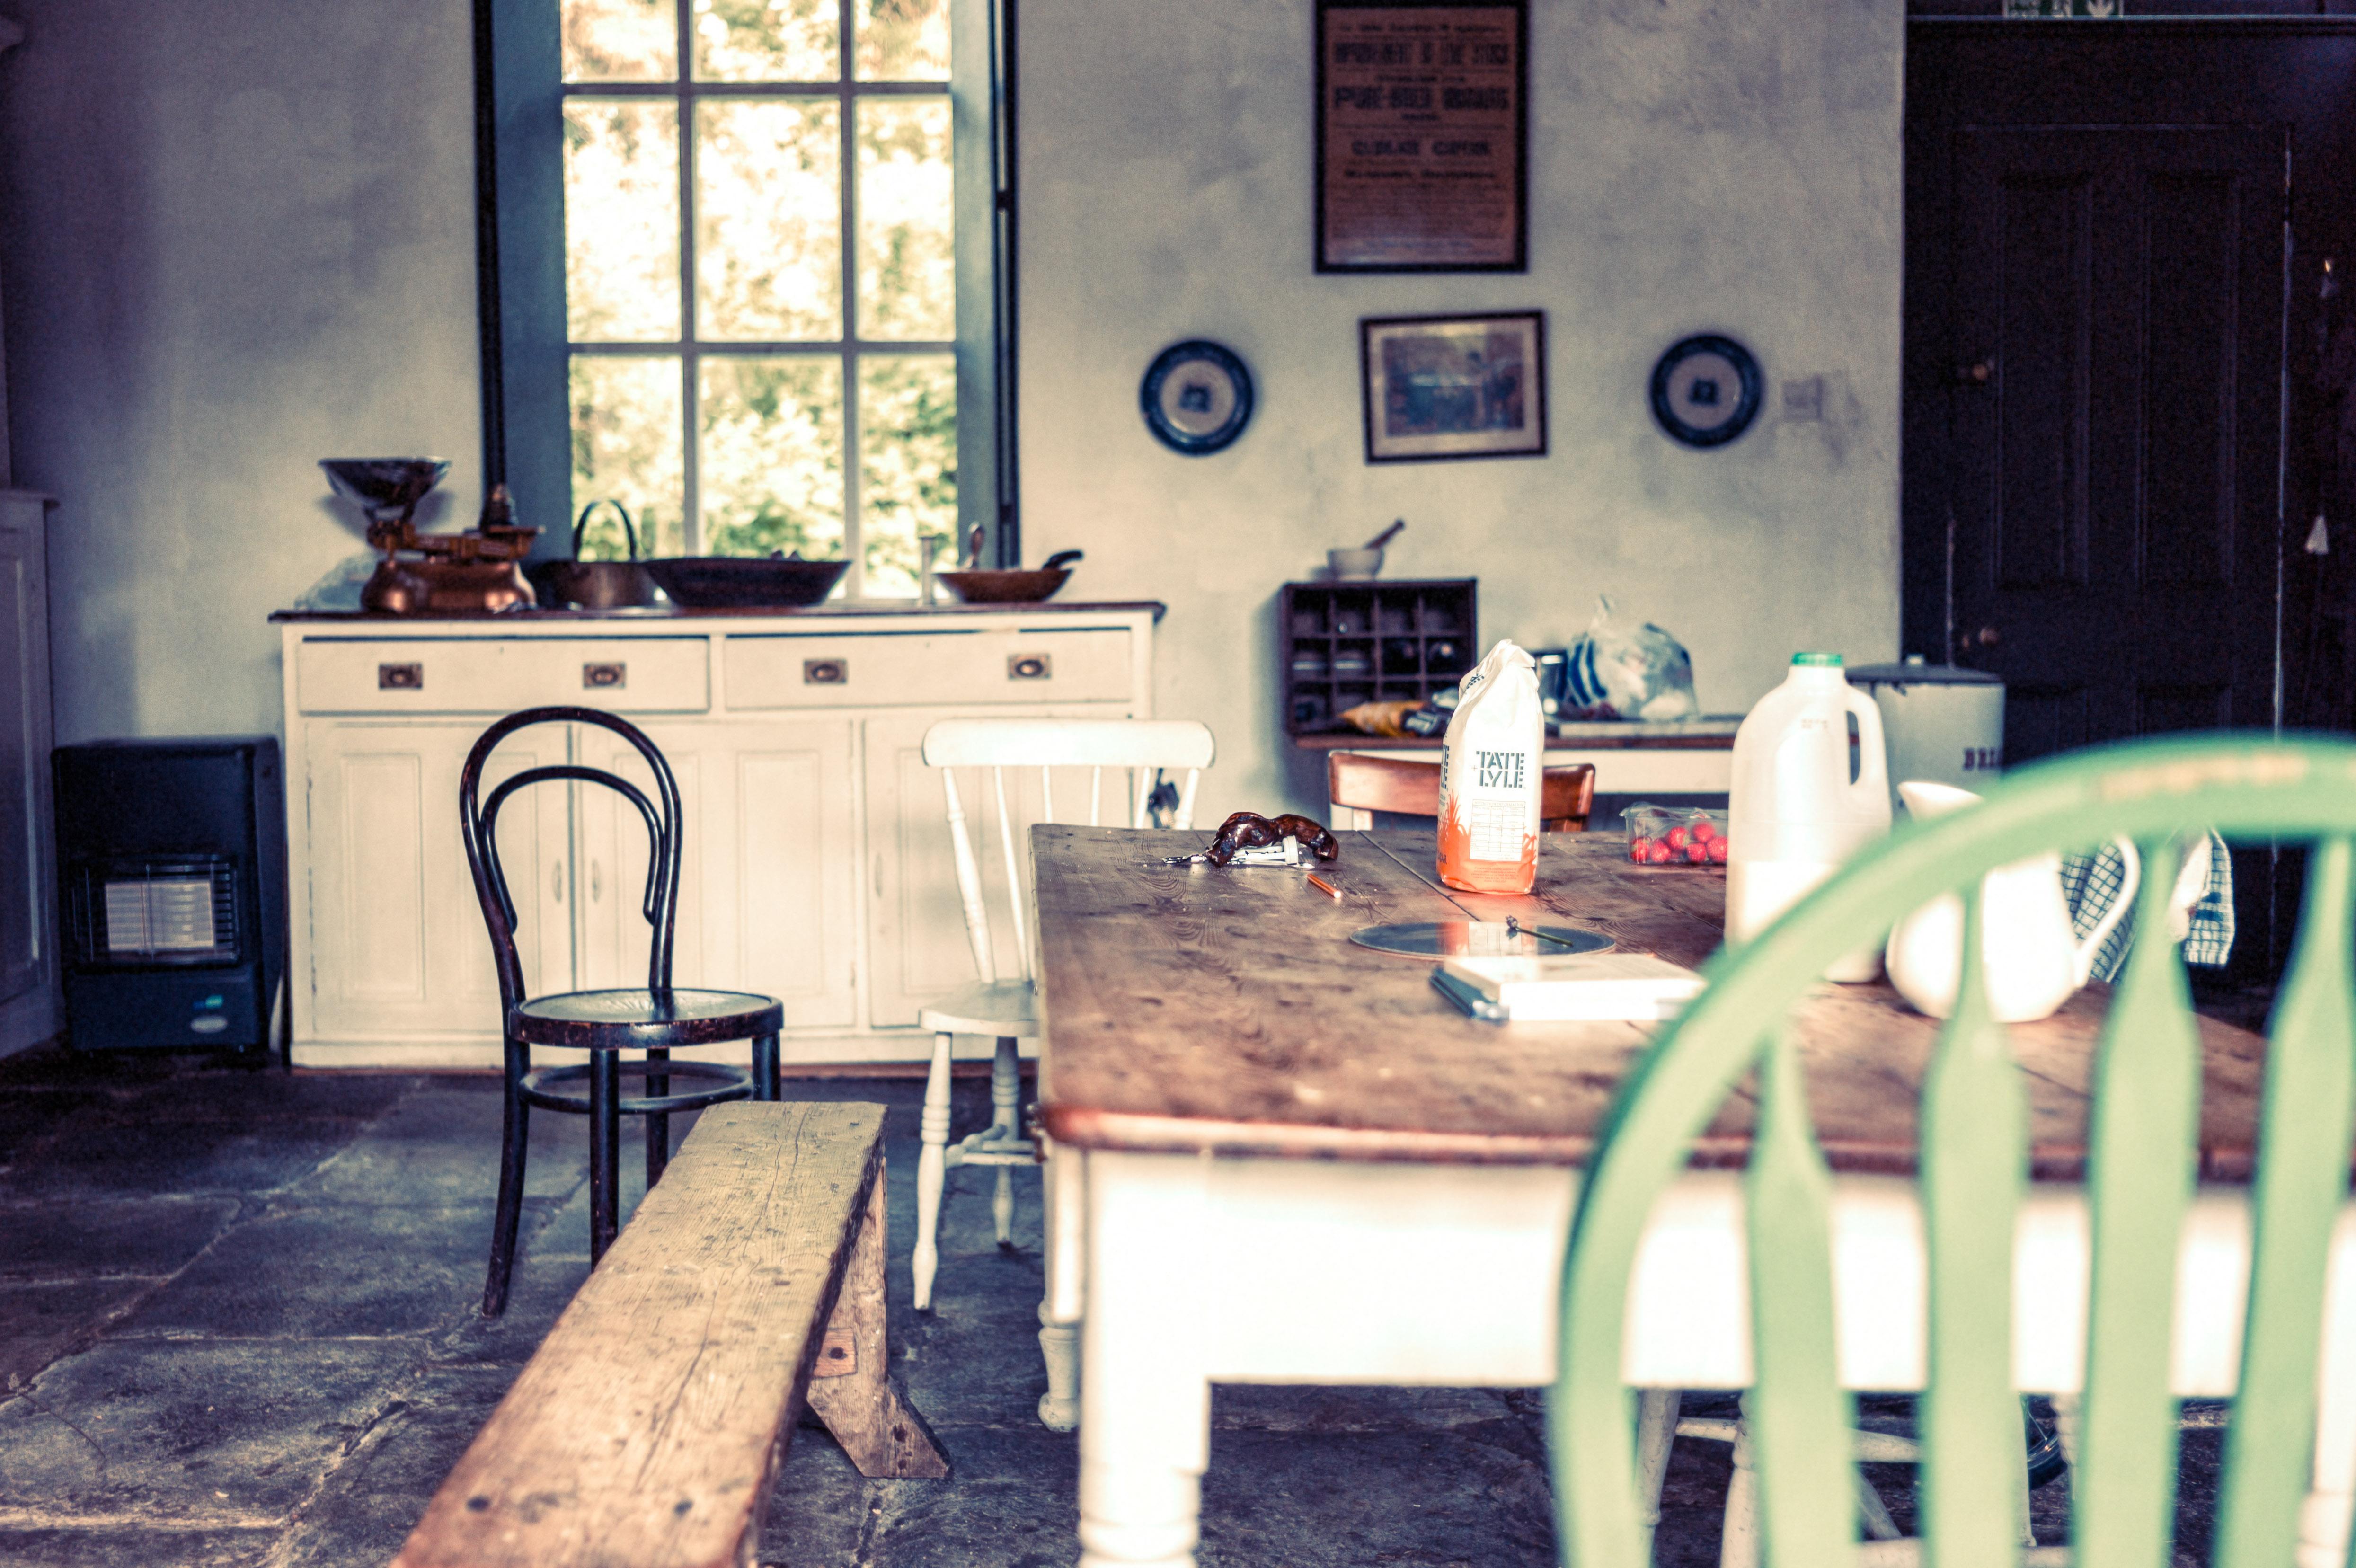 Fondos de pantalla : ventana, habitación, mesa, madera, casa, silla ...